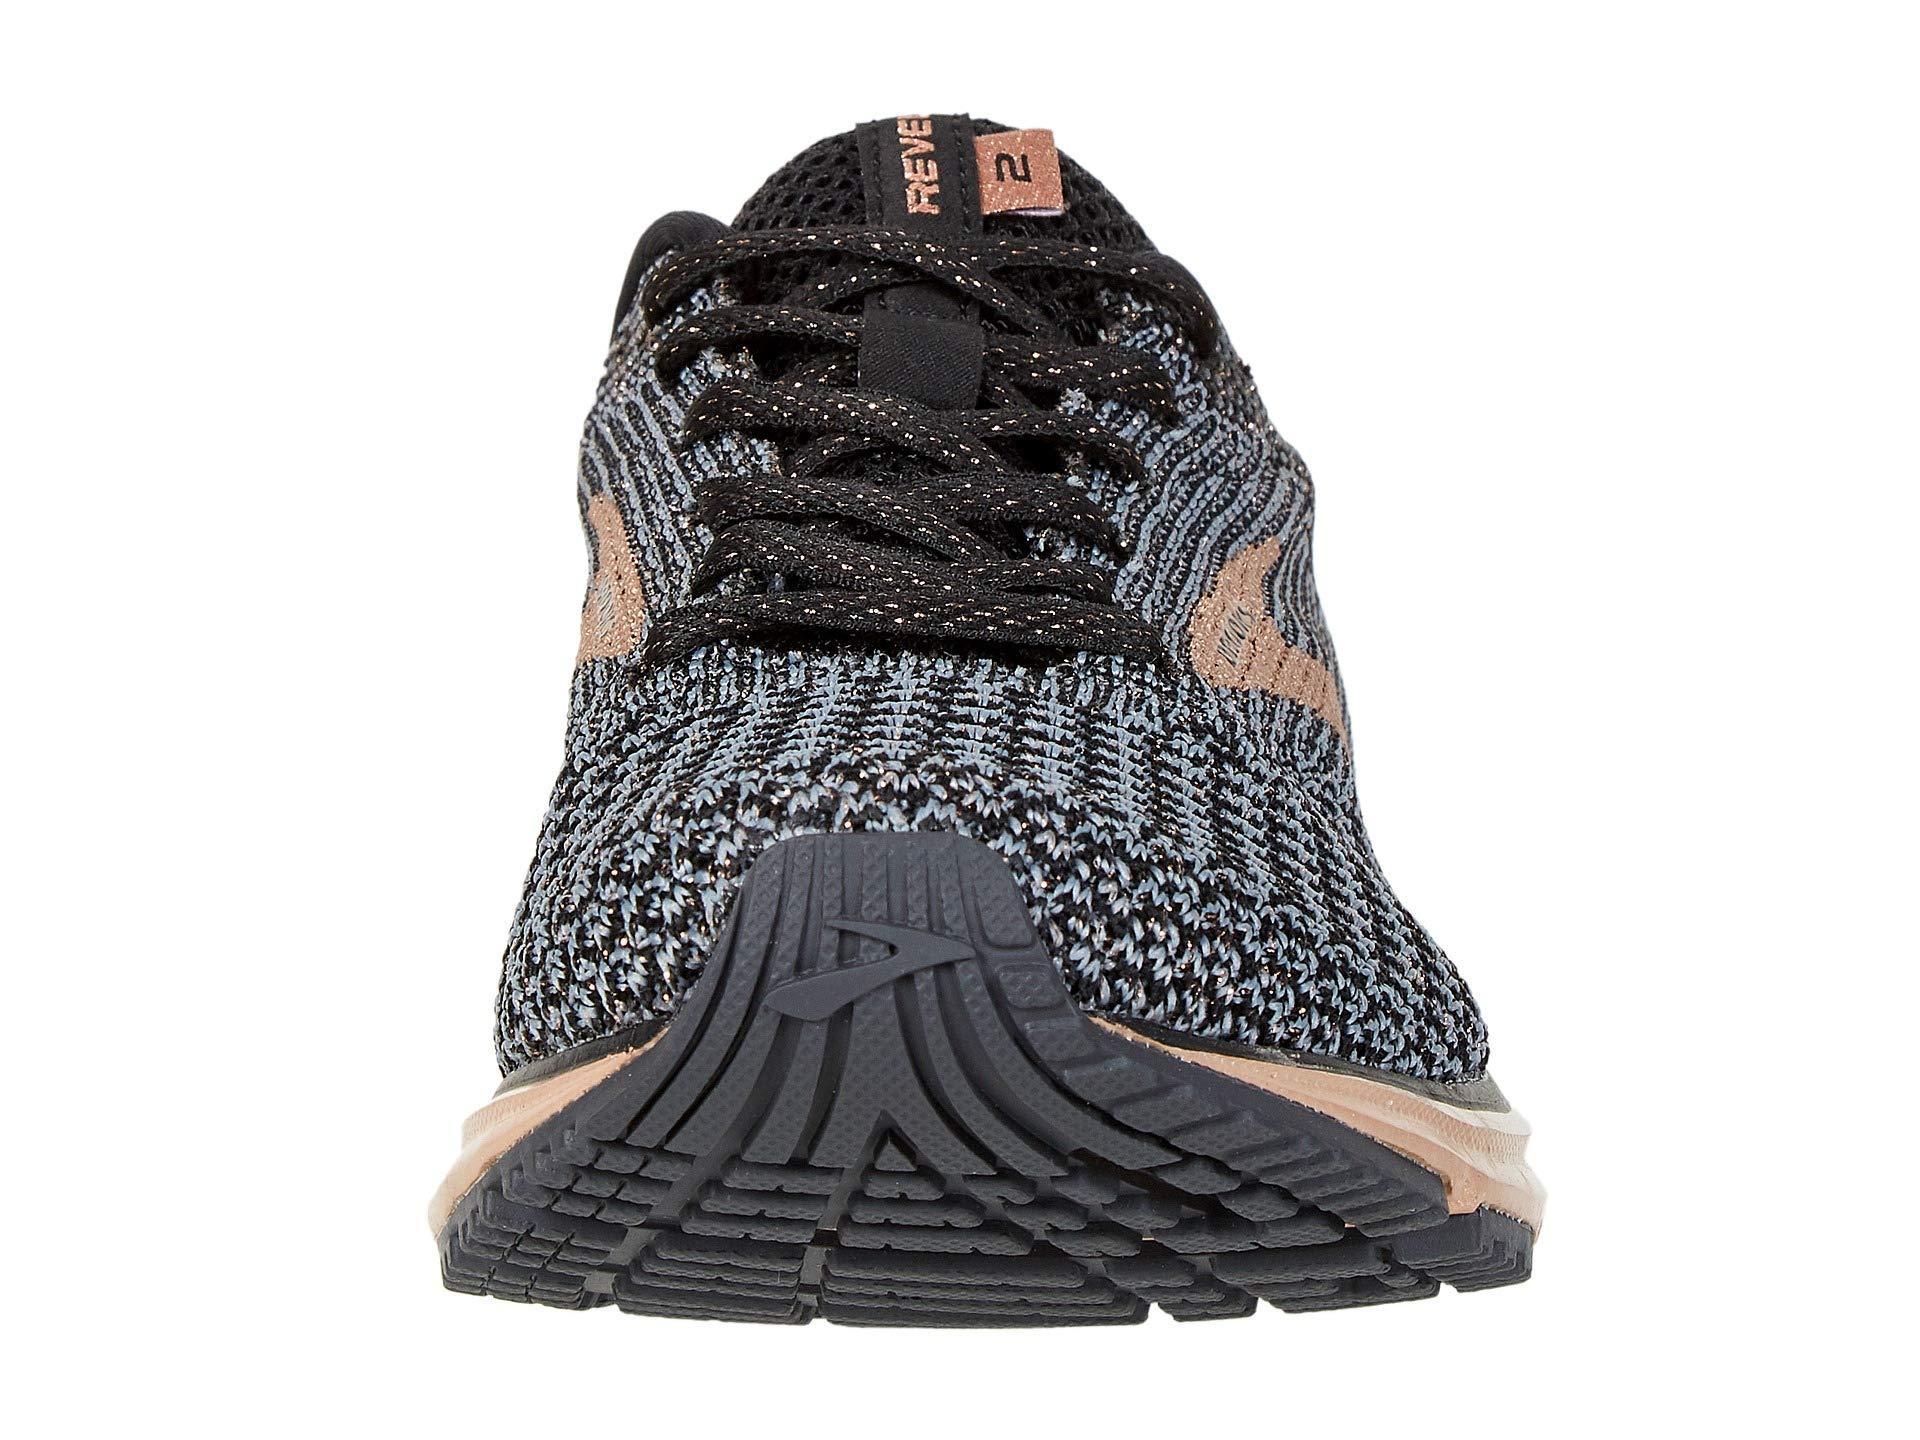 Brooks Revel 2 Running Sneakers From